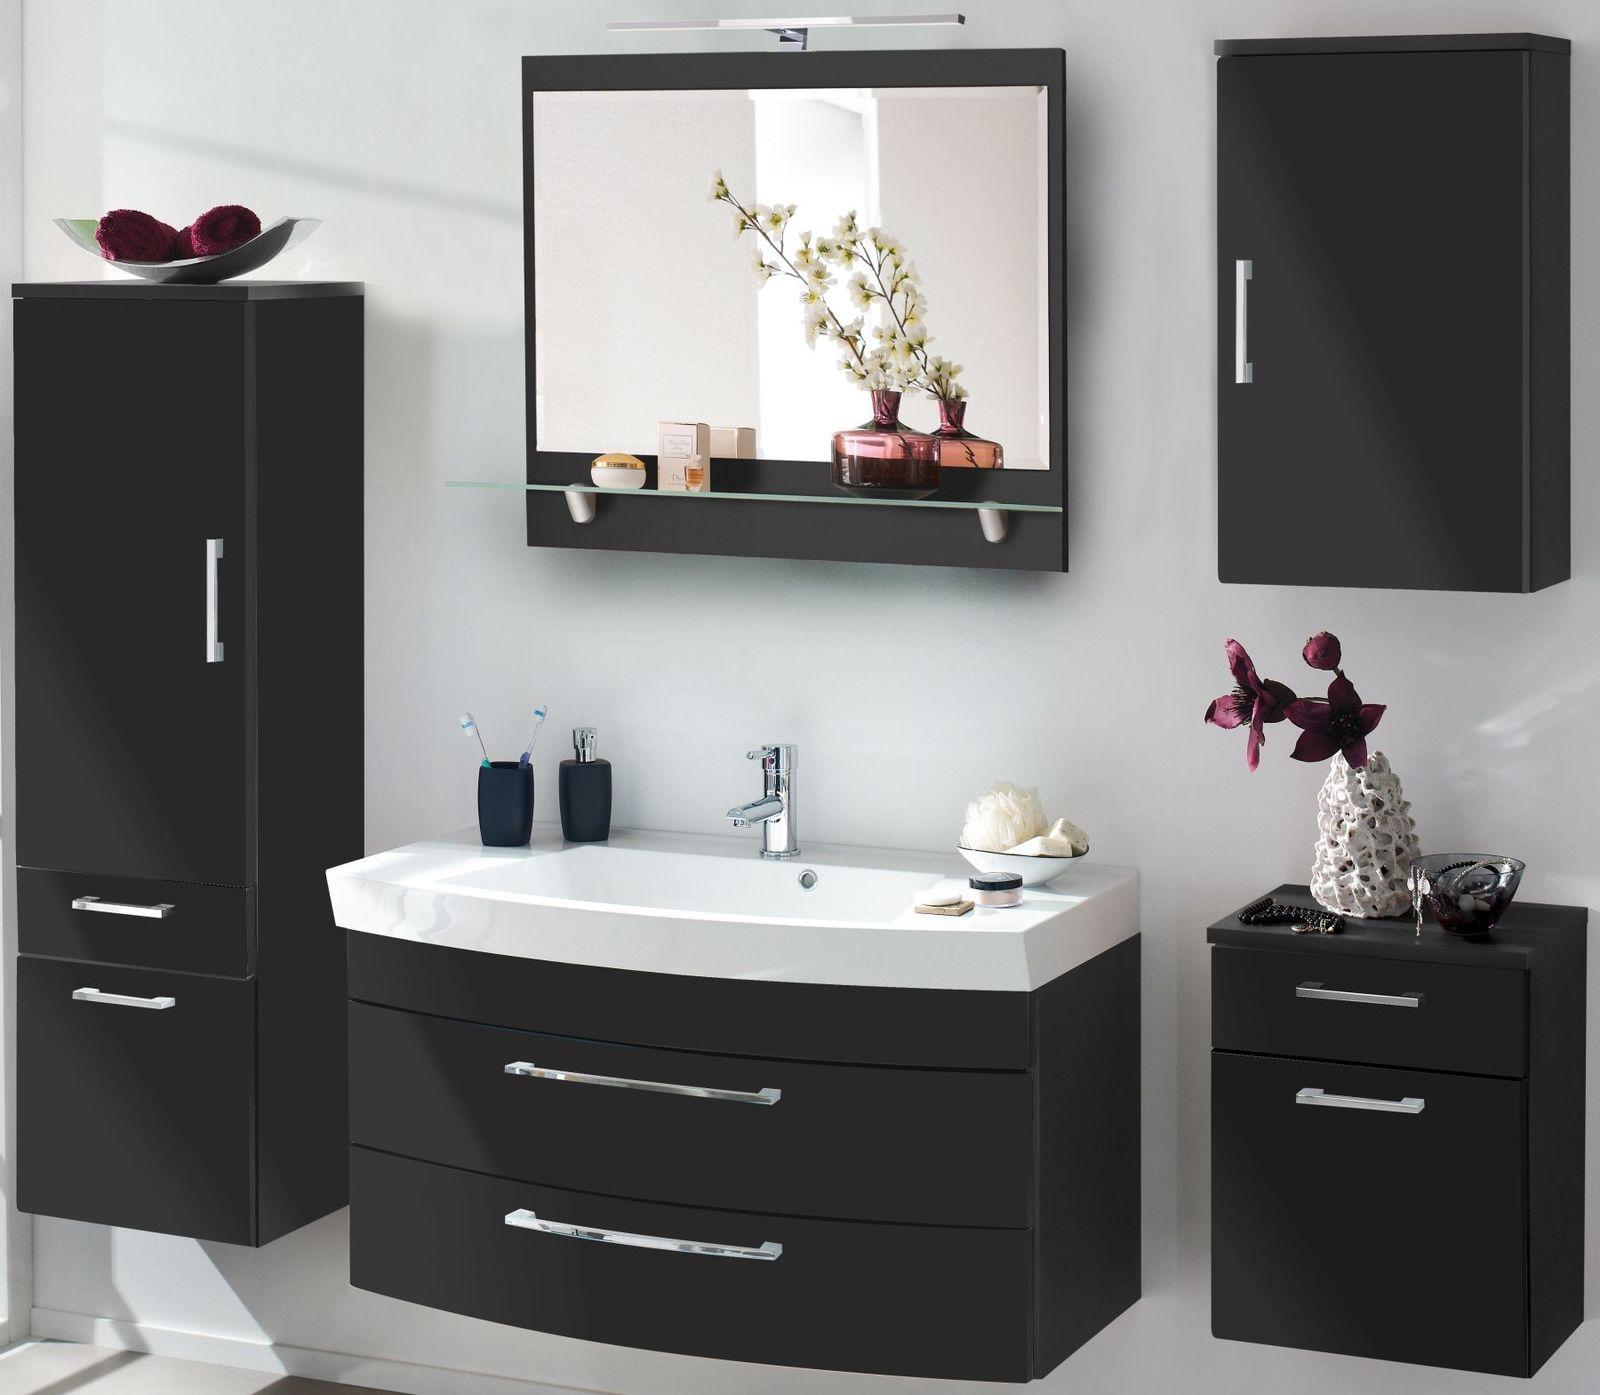 5 Teile Badset Waschtisch 100 cm Badmöbel LED Spiegel Badezimmer ...